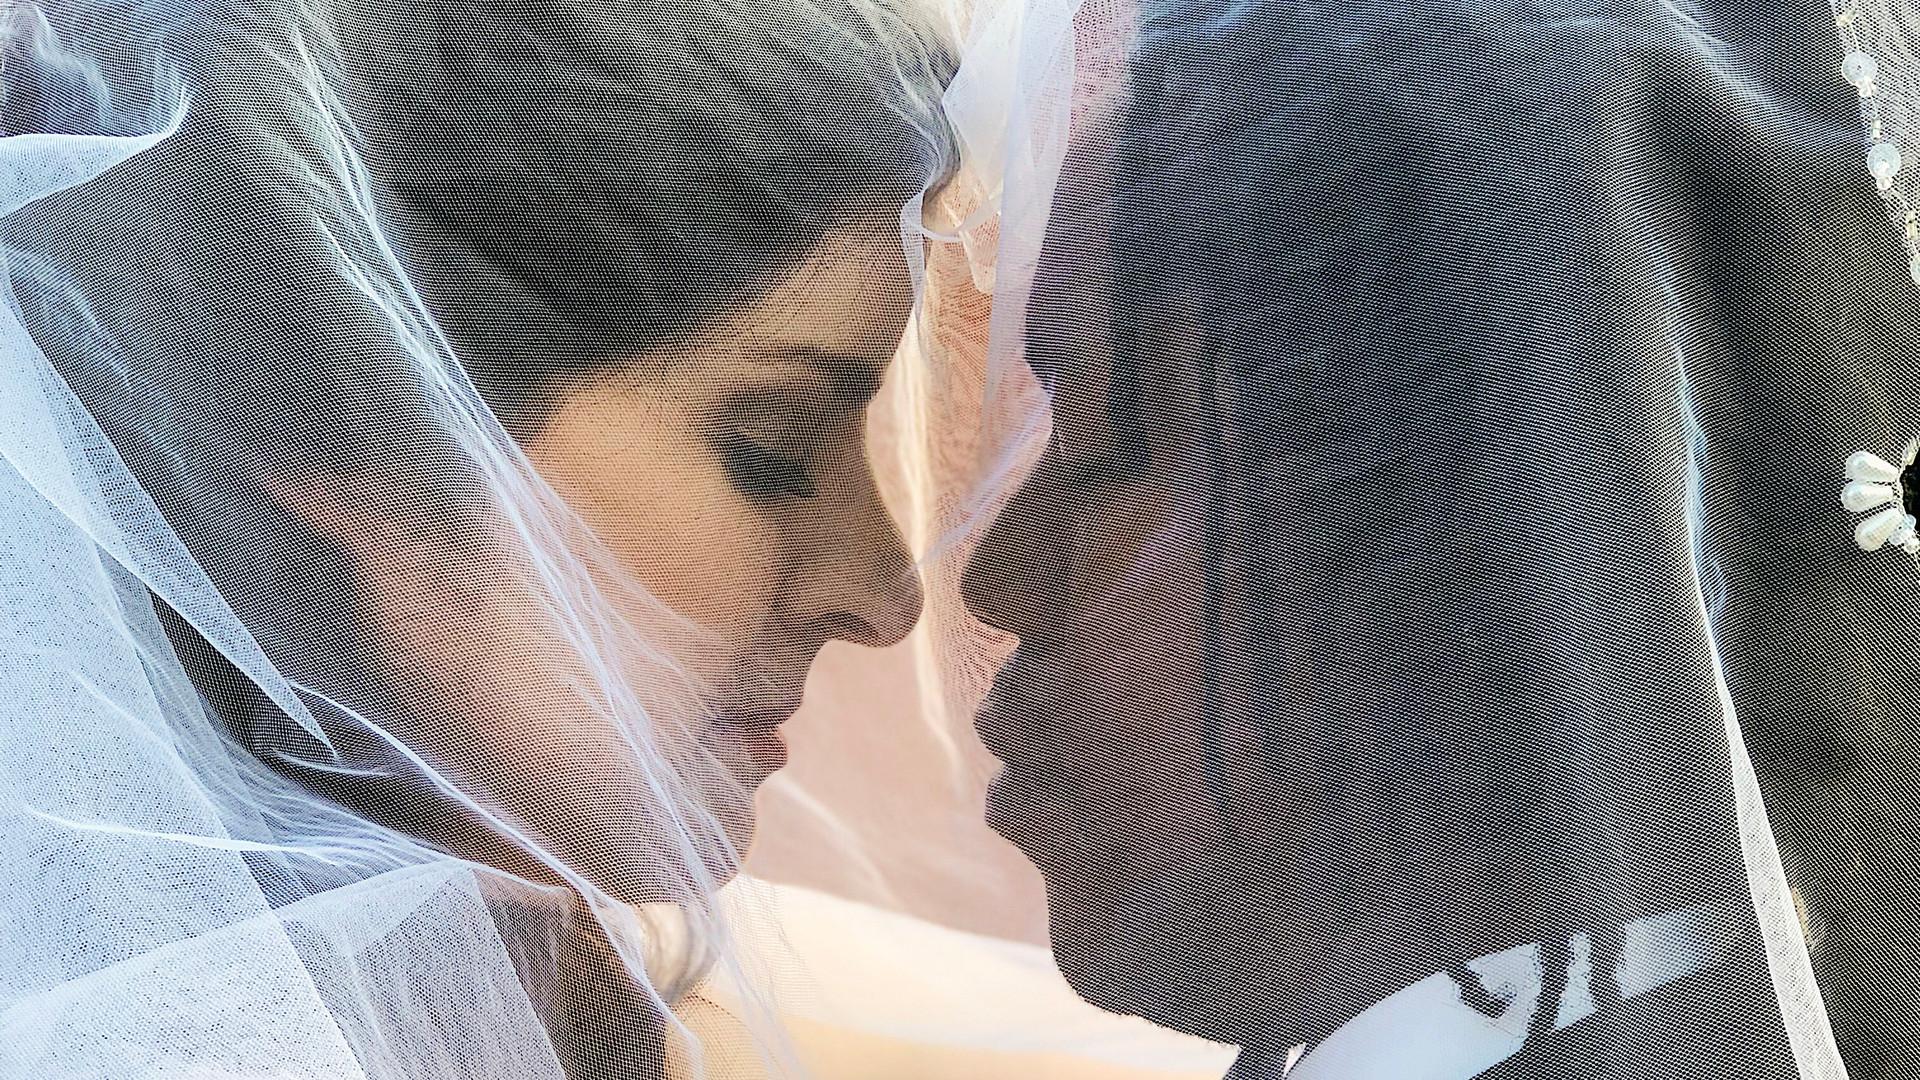 6-Bride and Groom veiled.jpg